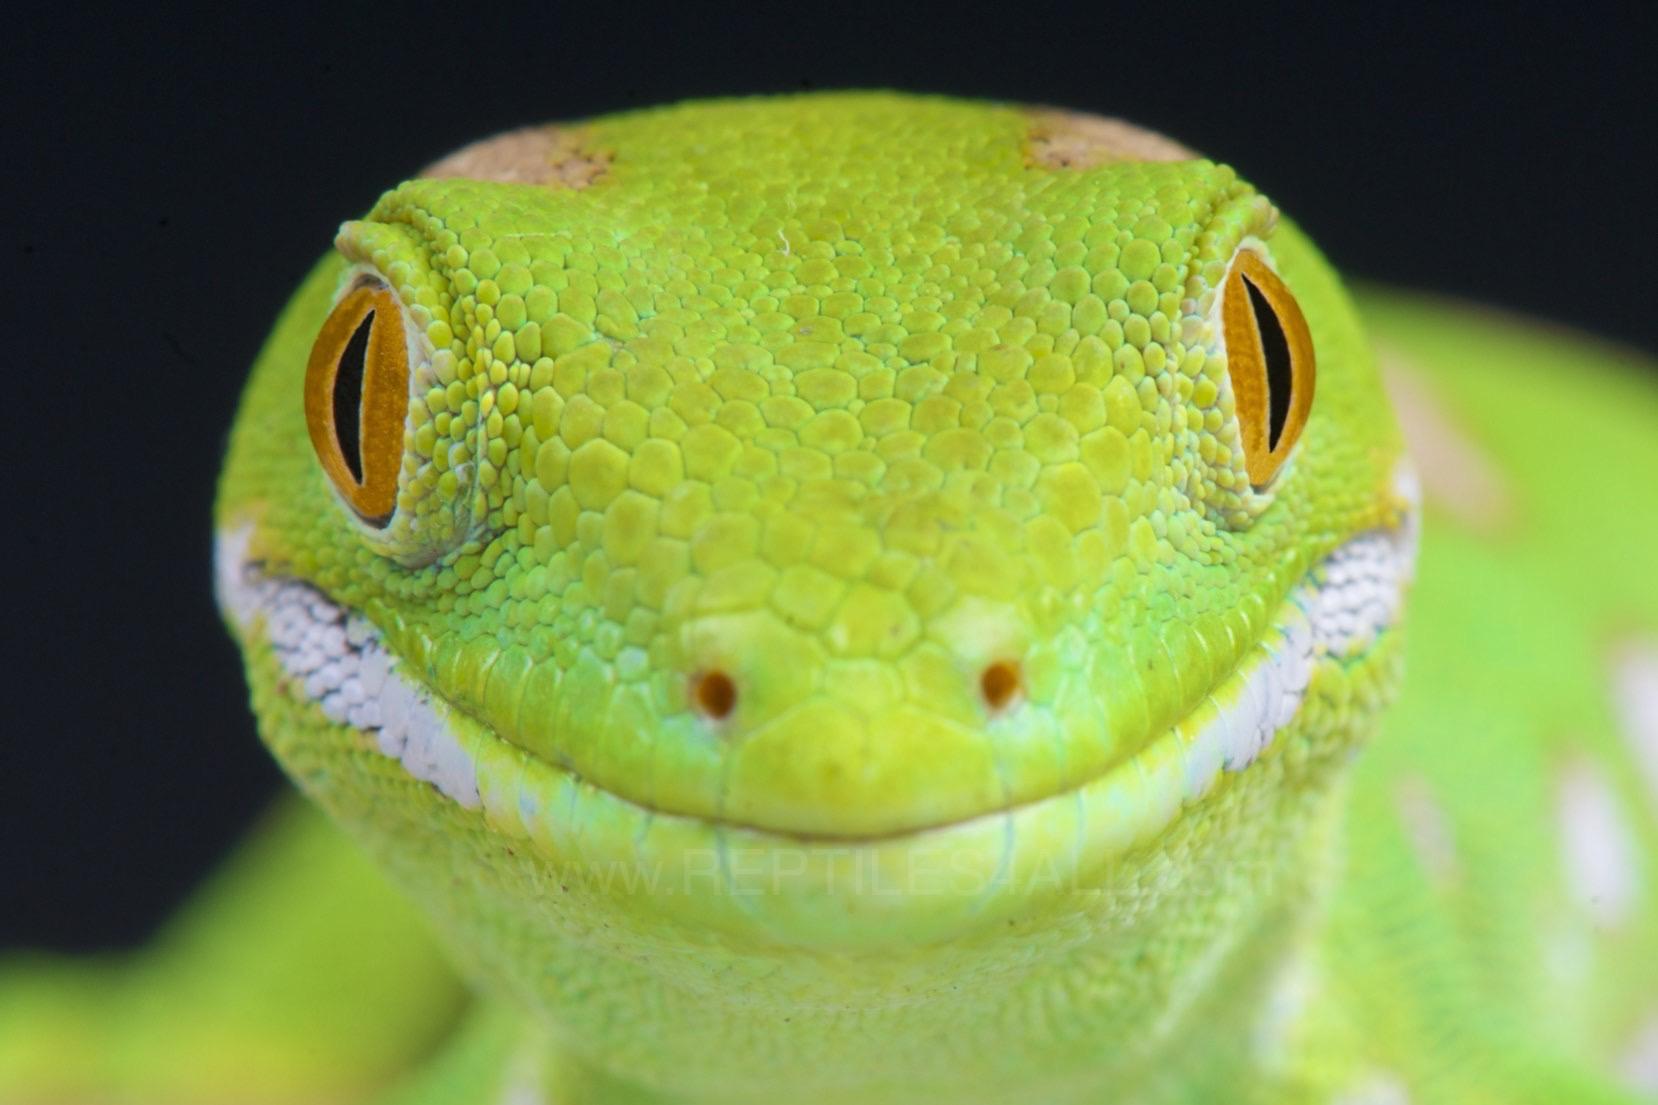 Fond D écran Visage Faune Smiley Content Brillant Gecko